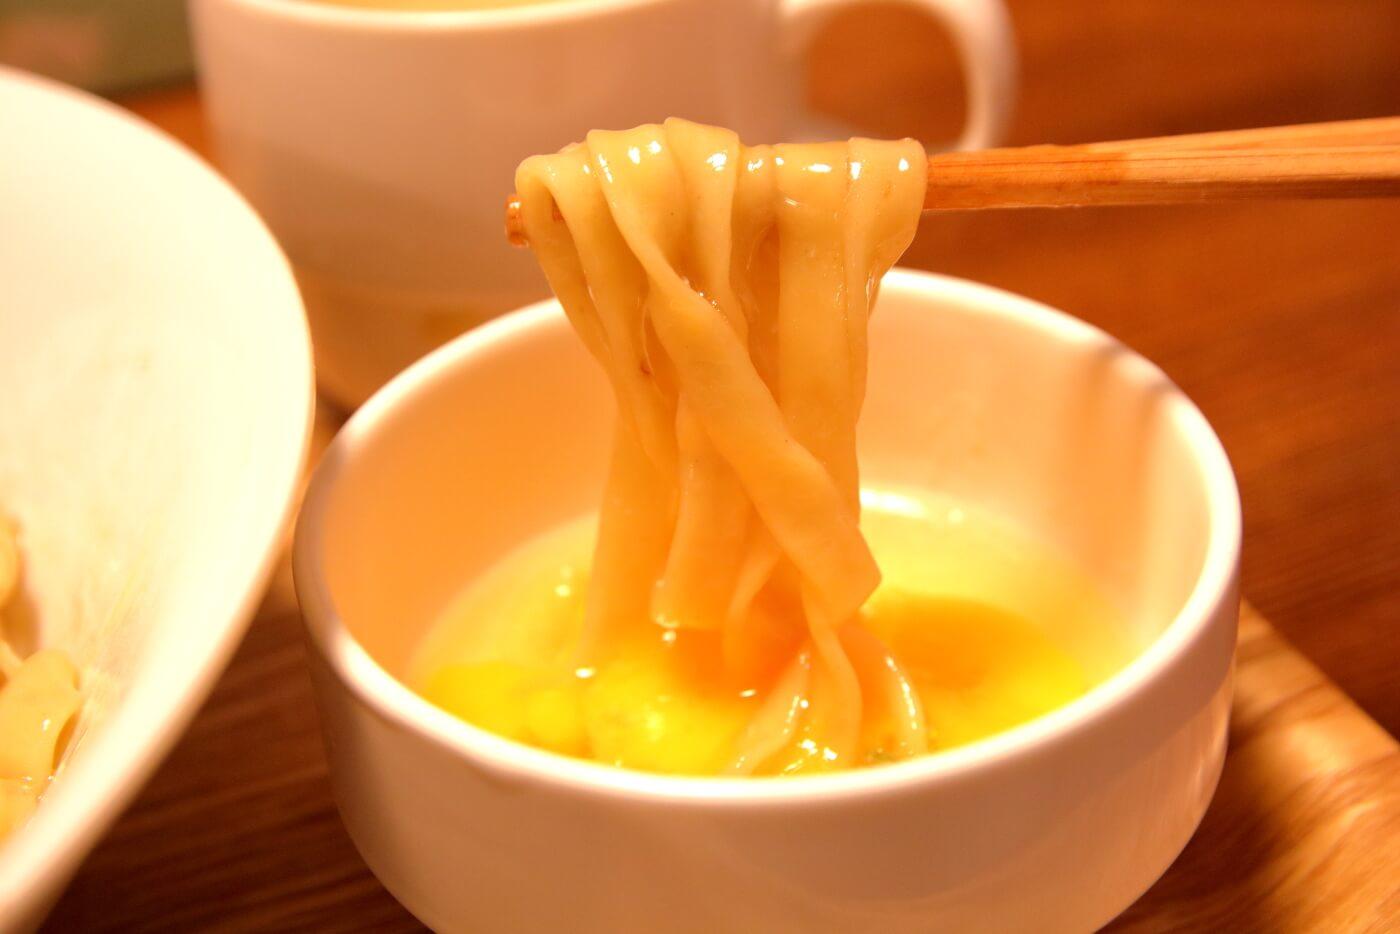 高知市一宮のラーメン店 和へる(あえる) 油そばの平打ち麺を生卵に絡めて食べる